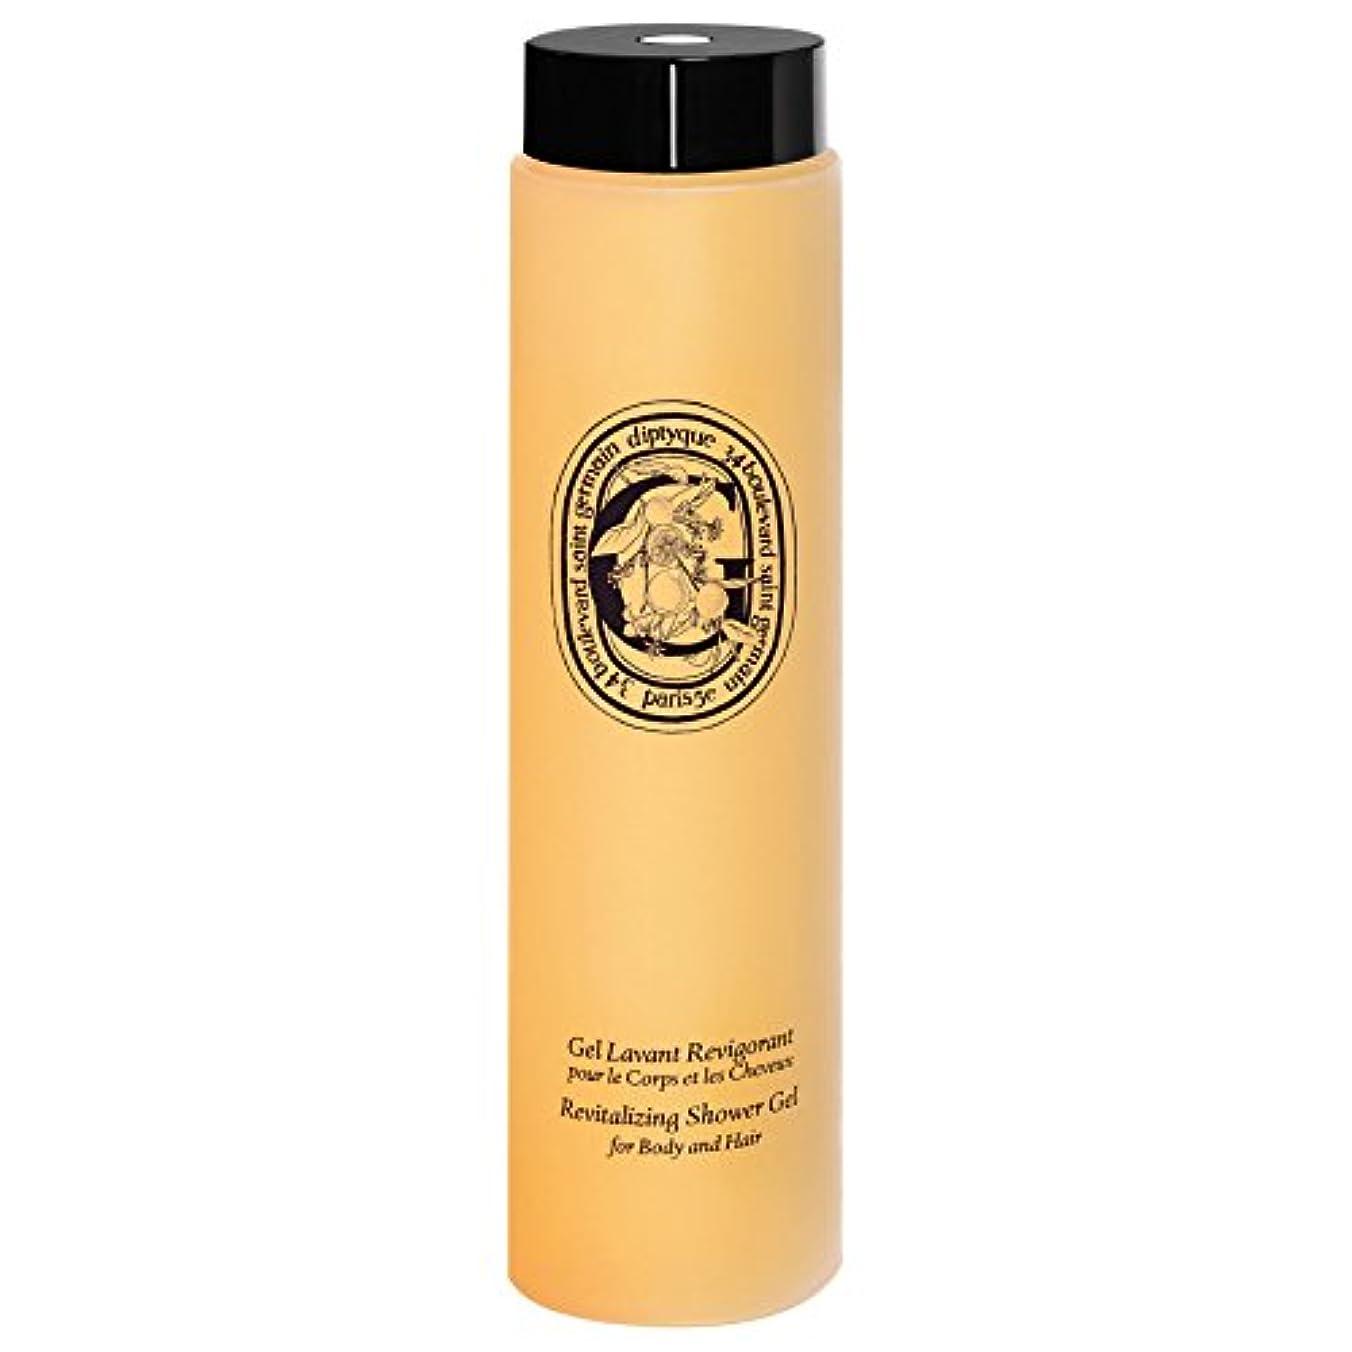 ビリー渦最も早い[Diptyque] ボディ、ヘア200ミリリットルのためDiptyqueのリバイタライジングシャワージェル - Diptyque Revitalising Shower Gel For Body And Hair 200ml...